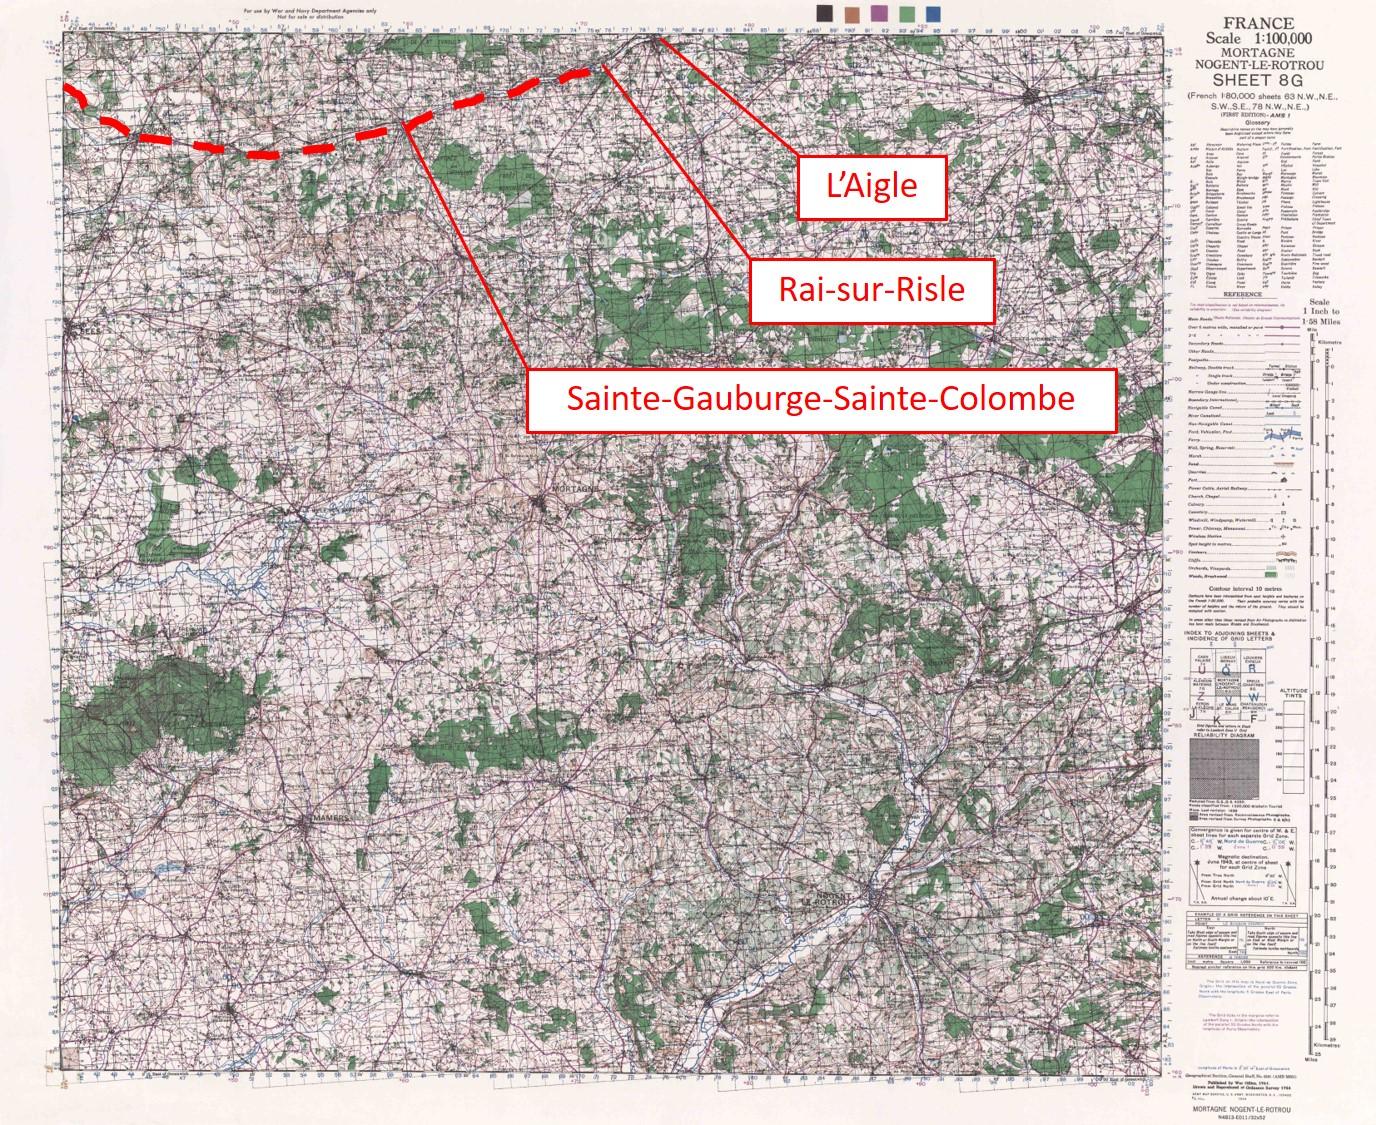 014B - GSGS-4249-Mortagne-Nogent-le-Rotrou-8G-route